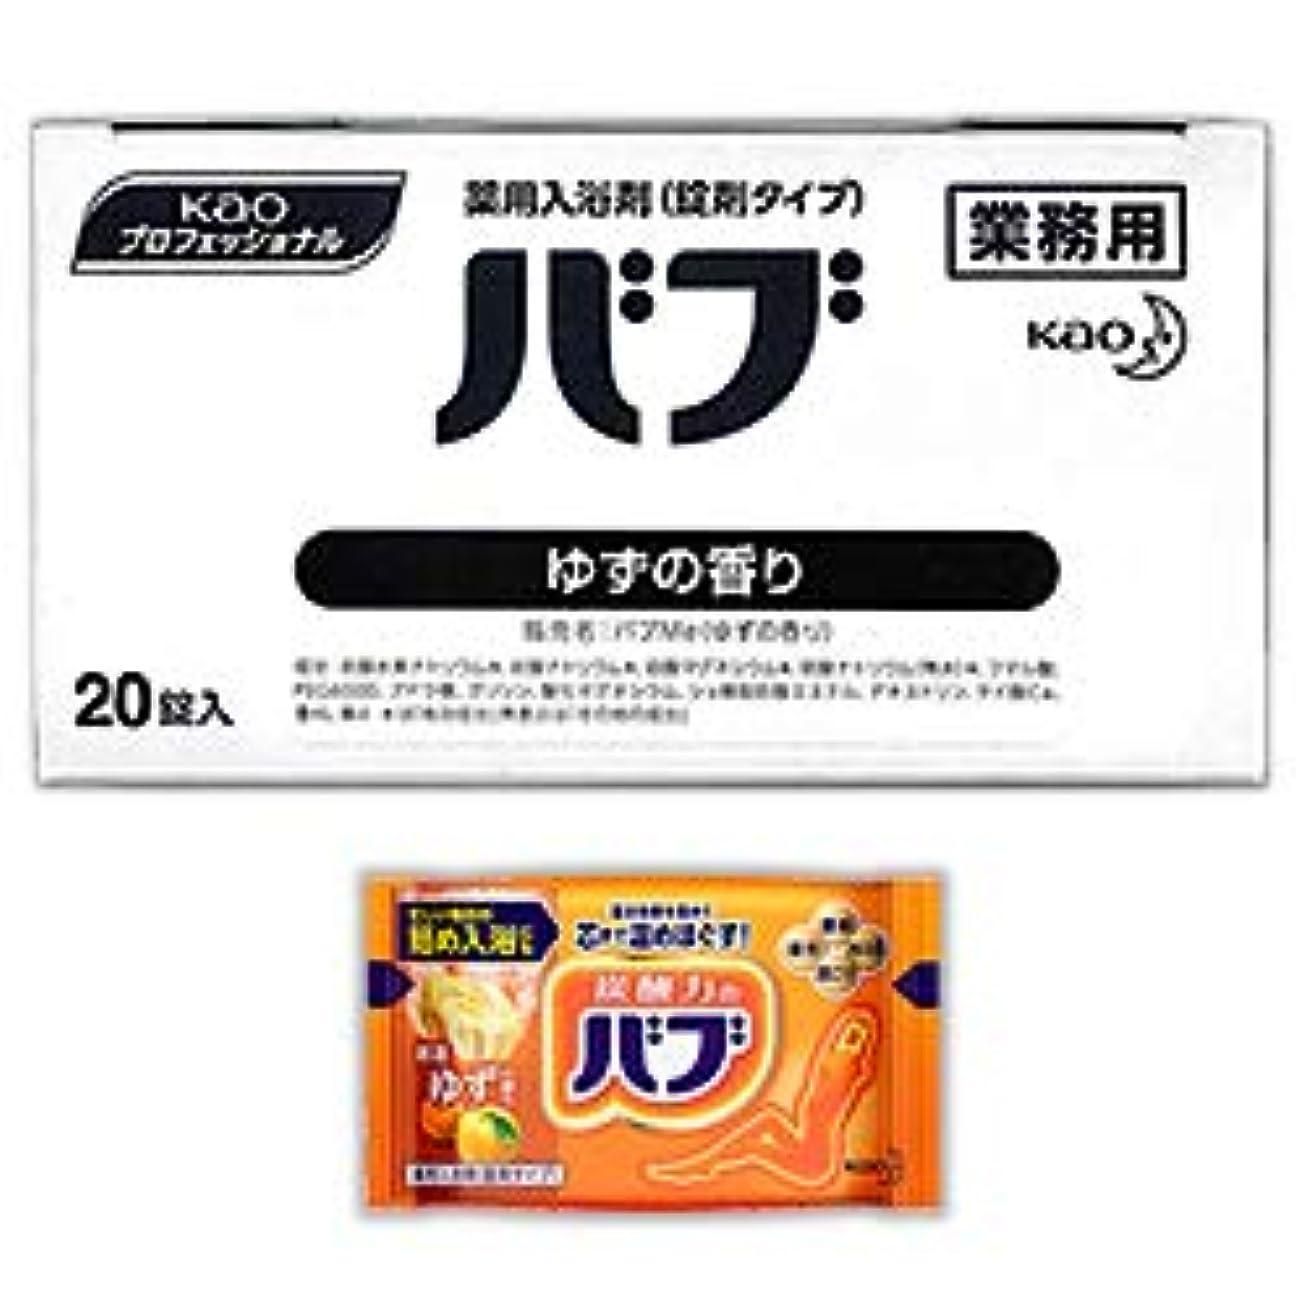 興奮する謝罪乱闘【花王】バブ ゆずの香り(業務用)40g 20錠入